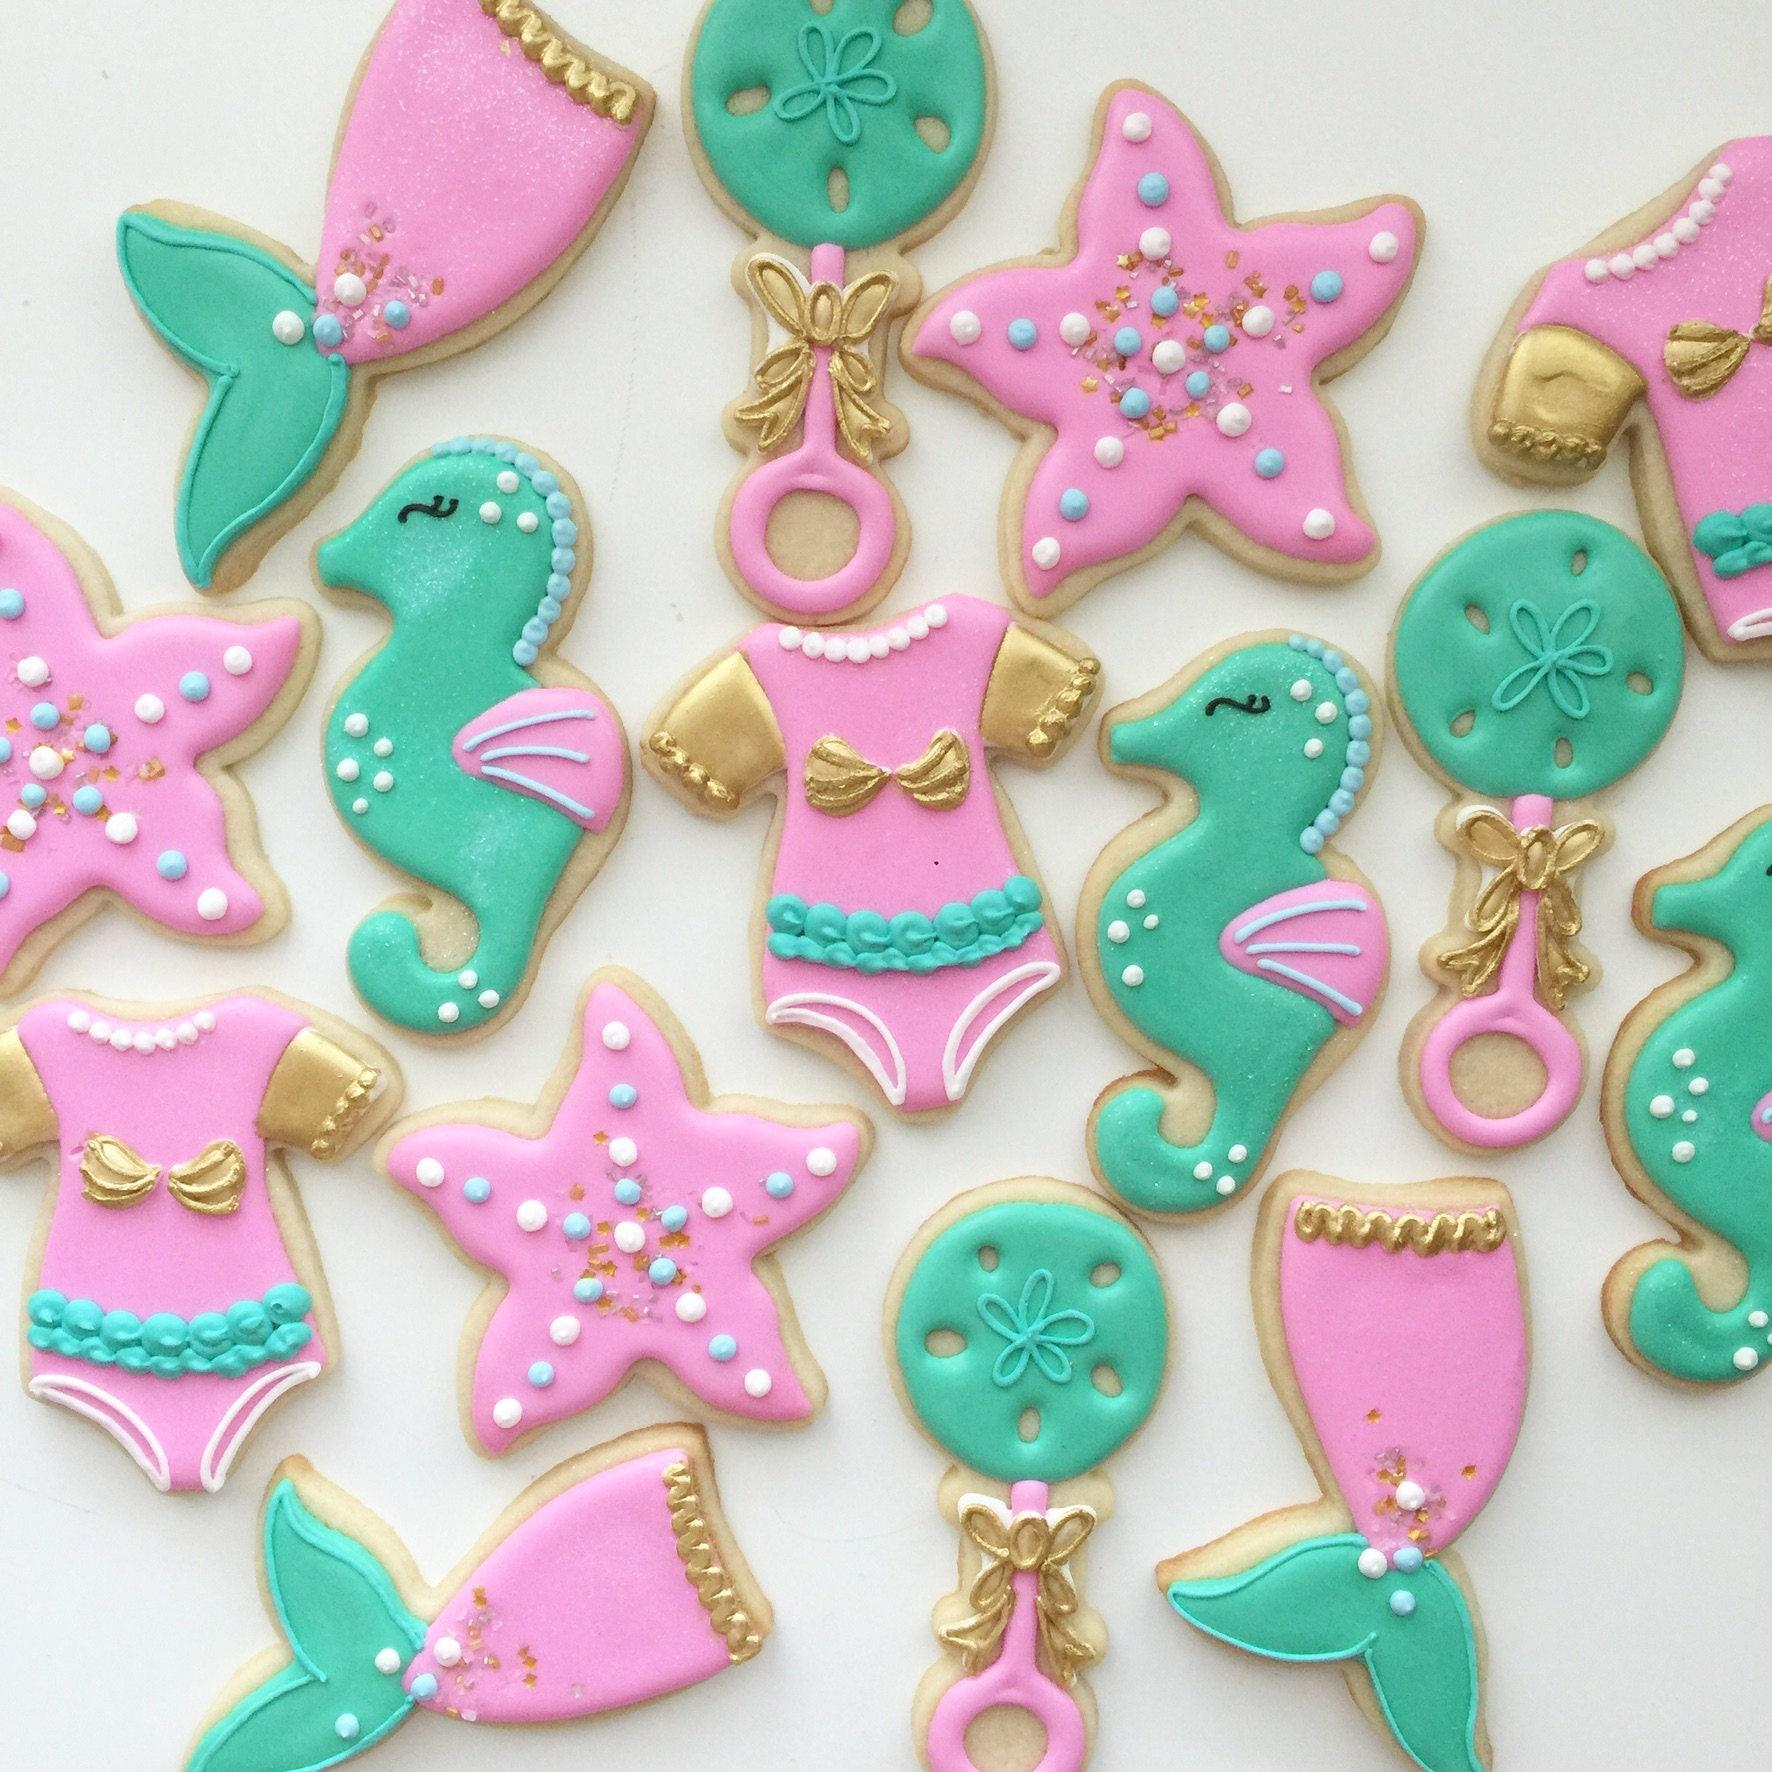 Baby Shower Cookies Mermaid Cookies Mermaid Party Baby | Etsy